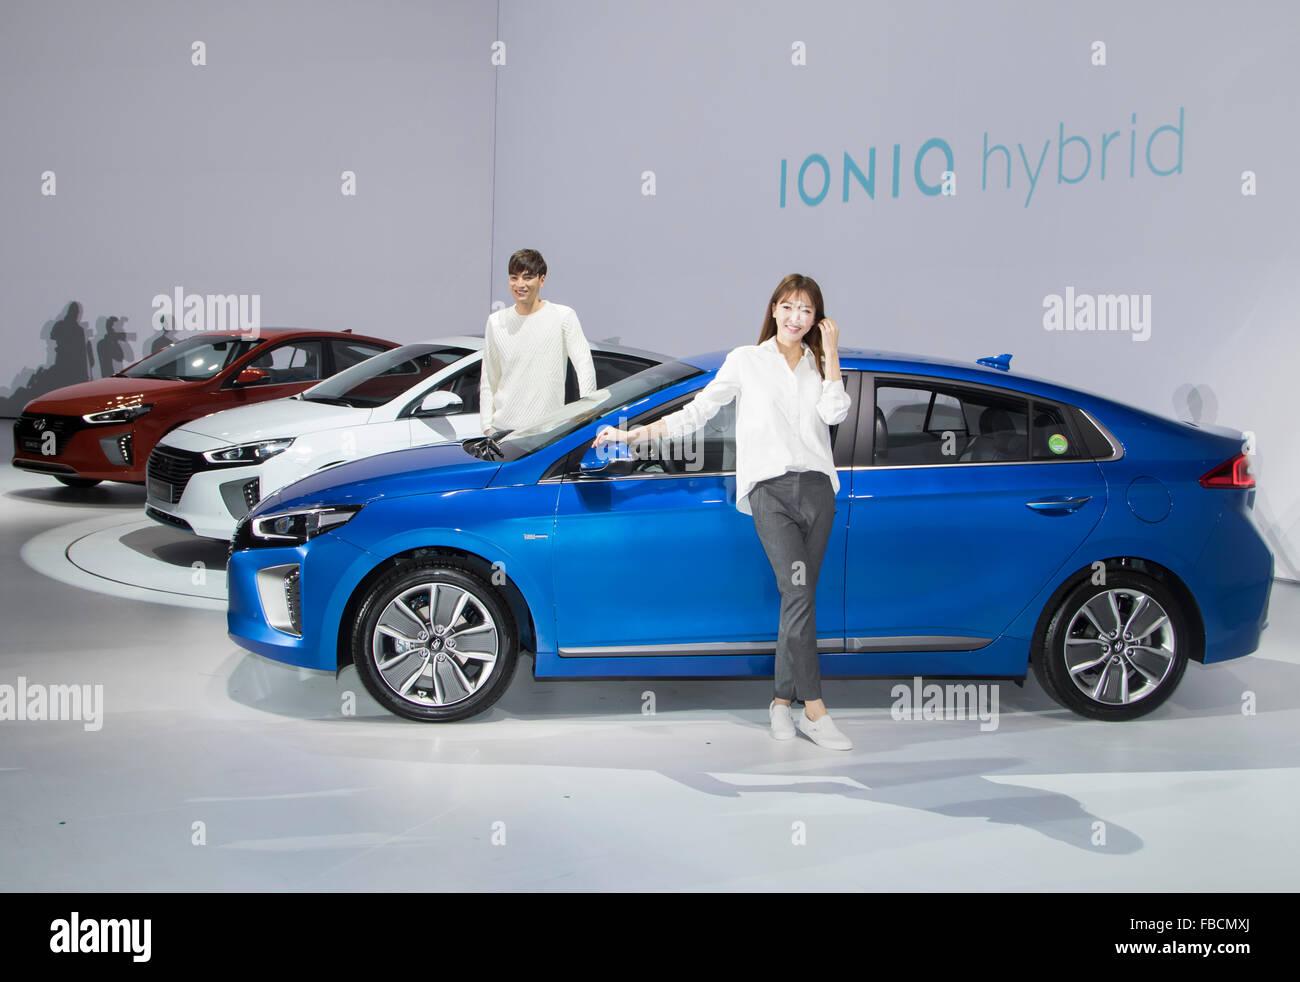 Ioniq ibrido, Jan 14, 2016 : i modelli pongono accanto alla Hyundai Motor's Ioniq auto ibride durante una conferenza Immagini Stock